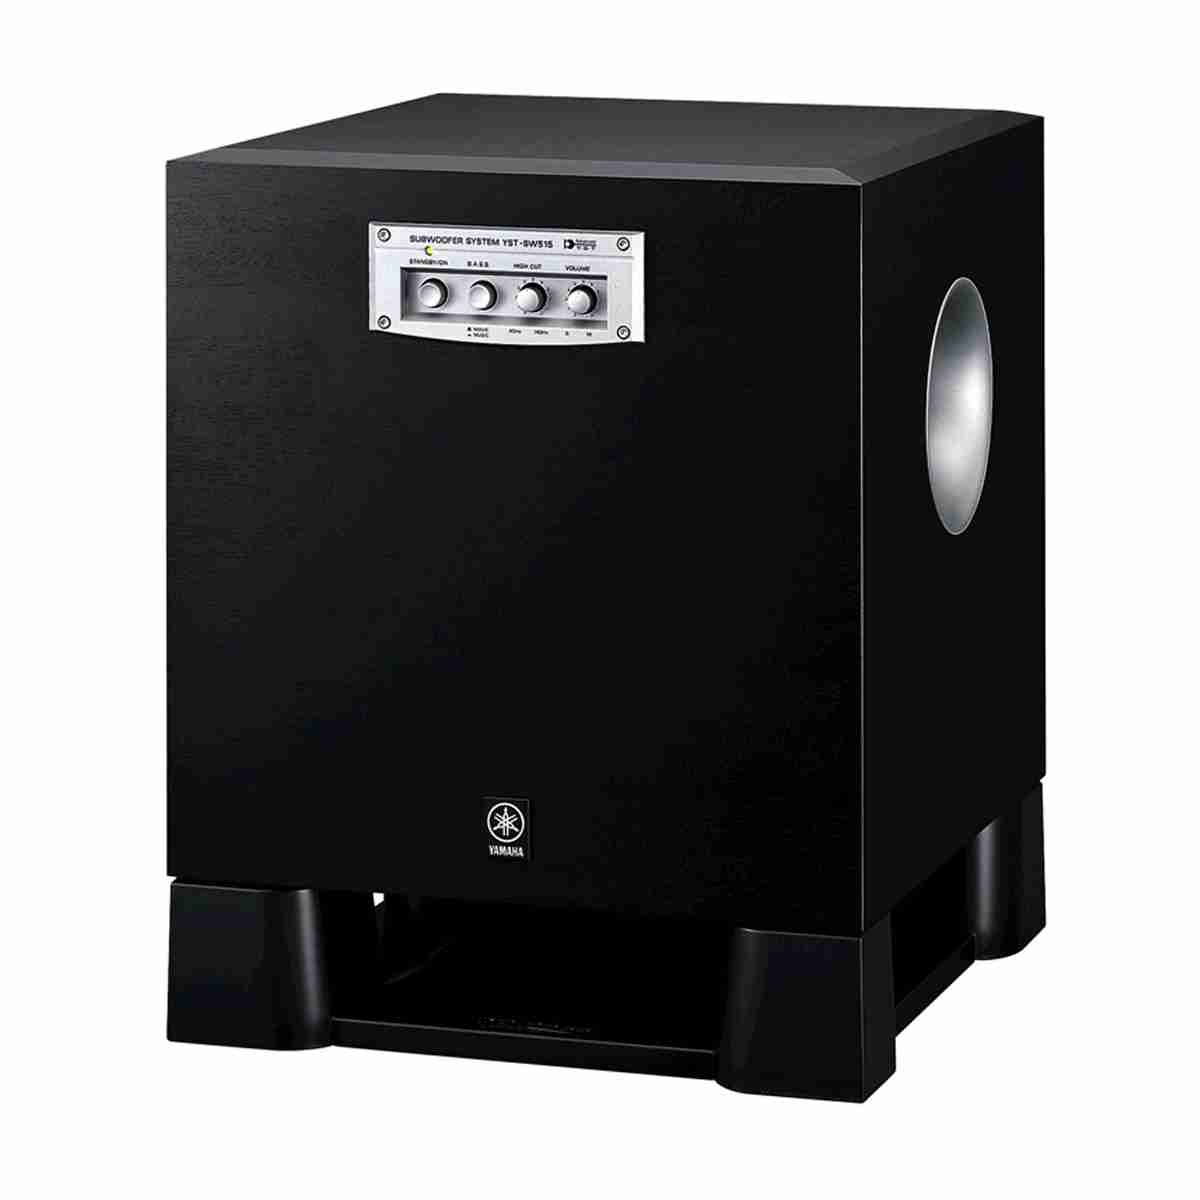 Loa siêu trầm karaoke yamaha giá tốt